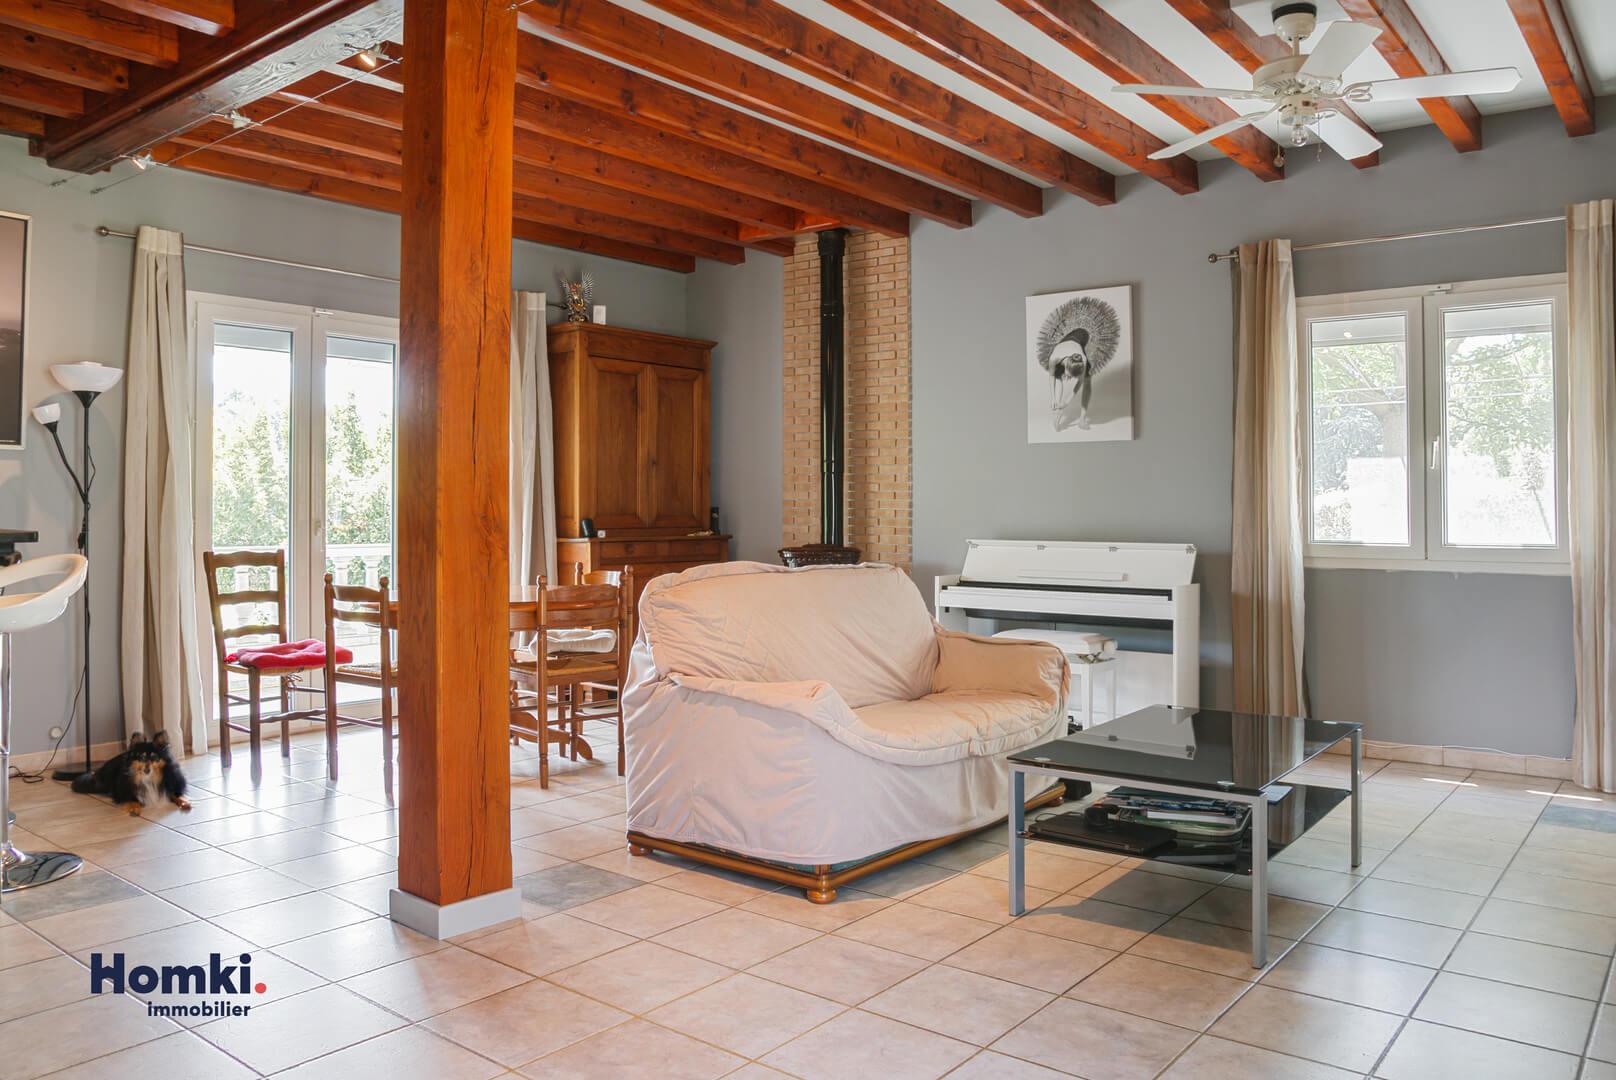 Vente maison 150m² T5 38270_2